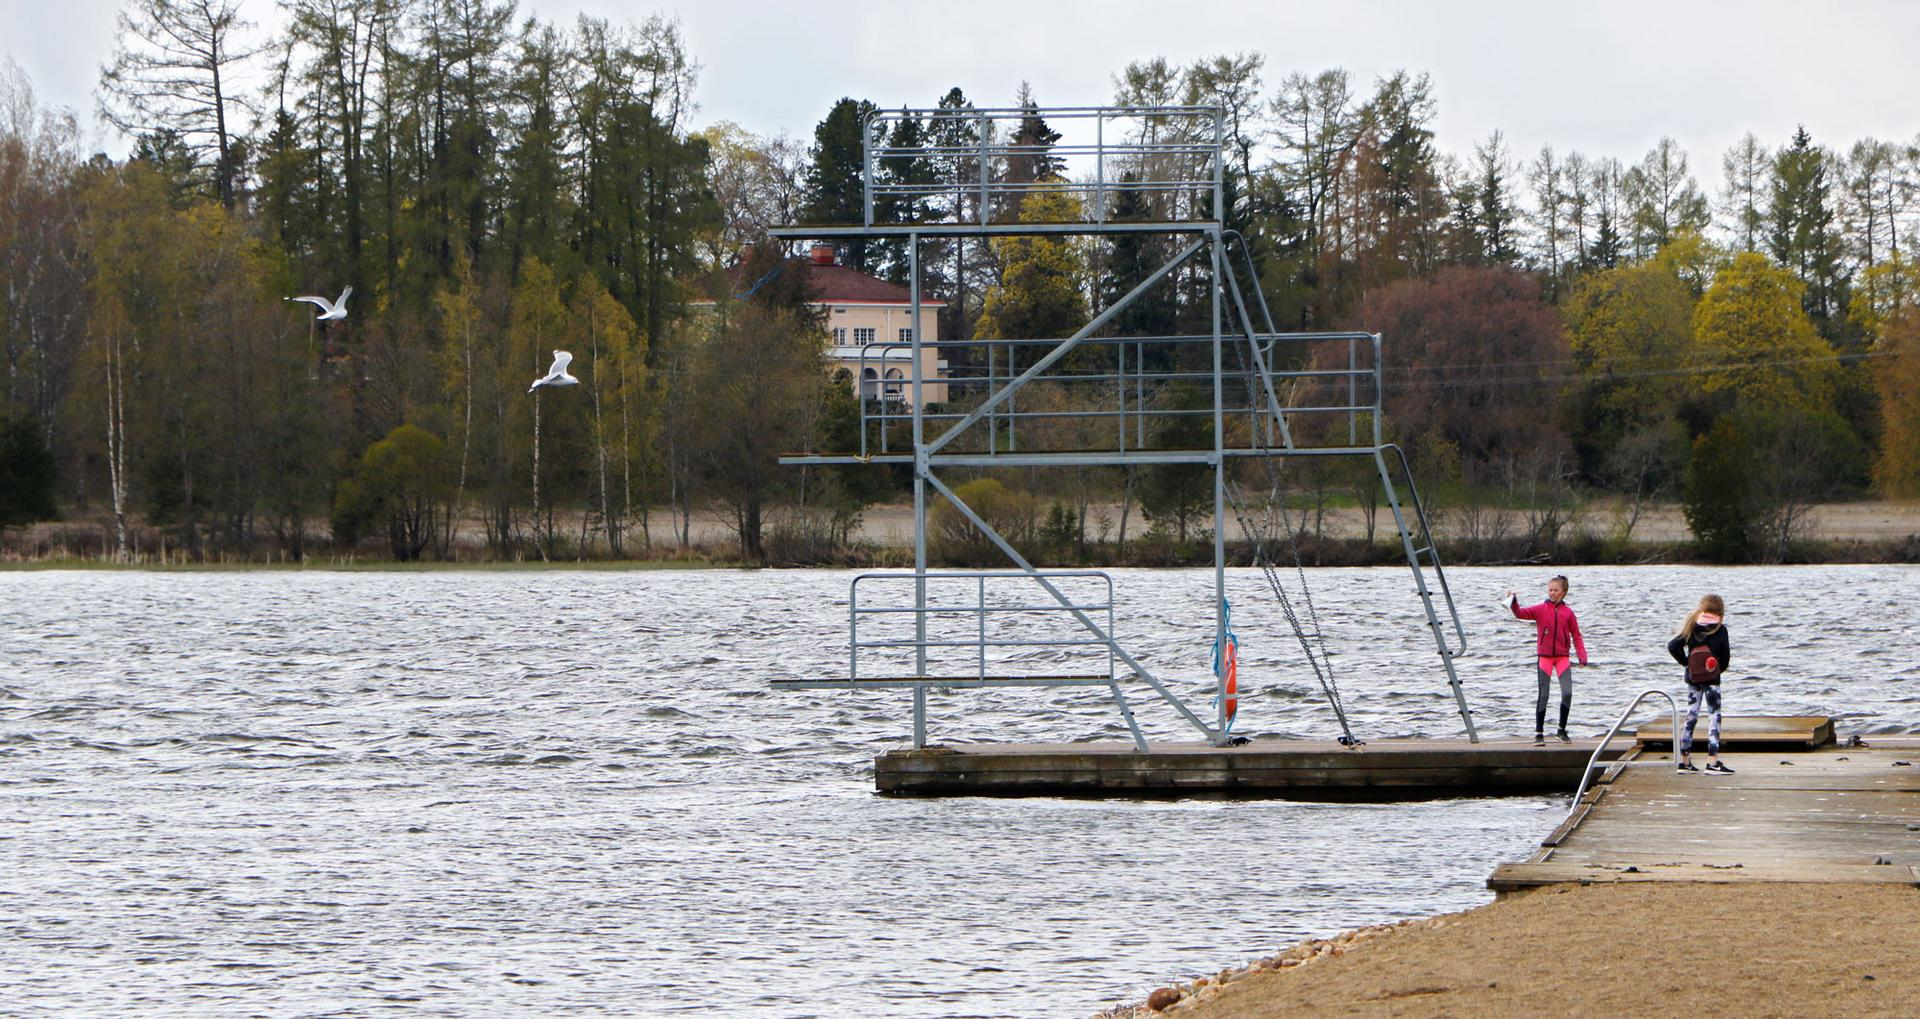 Kilpailujen aikana maalialue sijaitsee Vesaniemen pitkän laiturin kohdalla tai sen välittömässä läheisyydessä. Lähtöpaikka puolestaan on Pappilanlahden suulla.